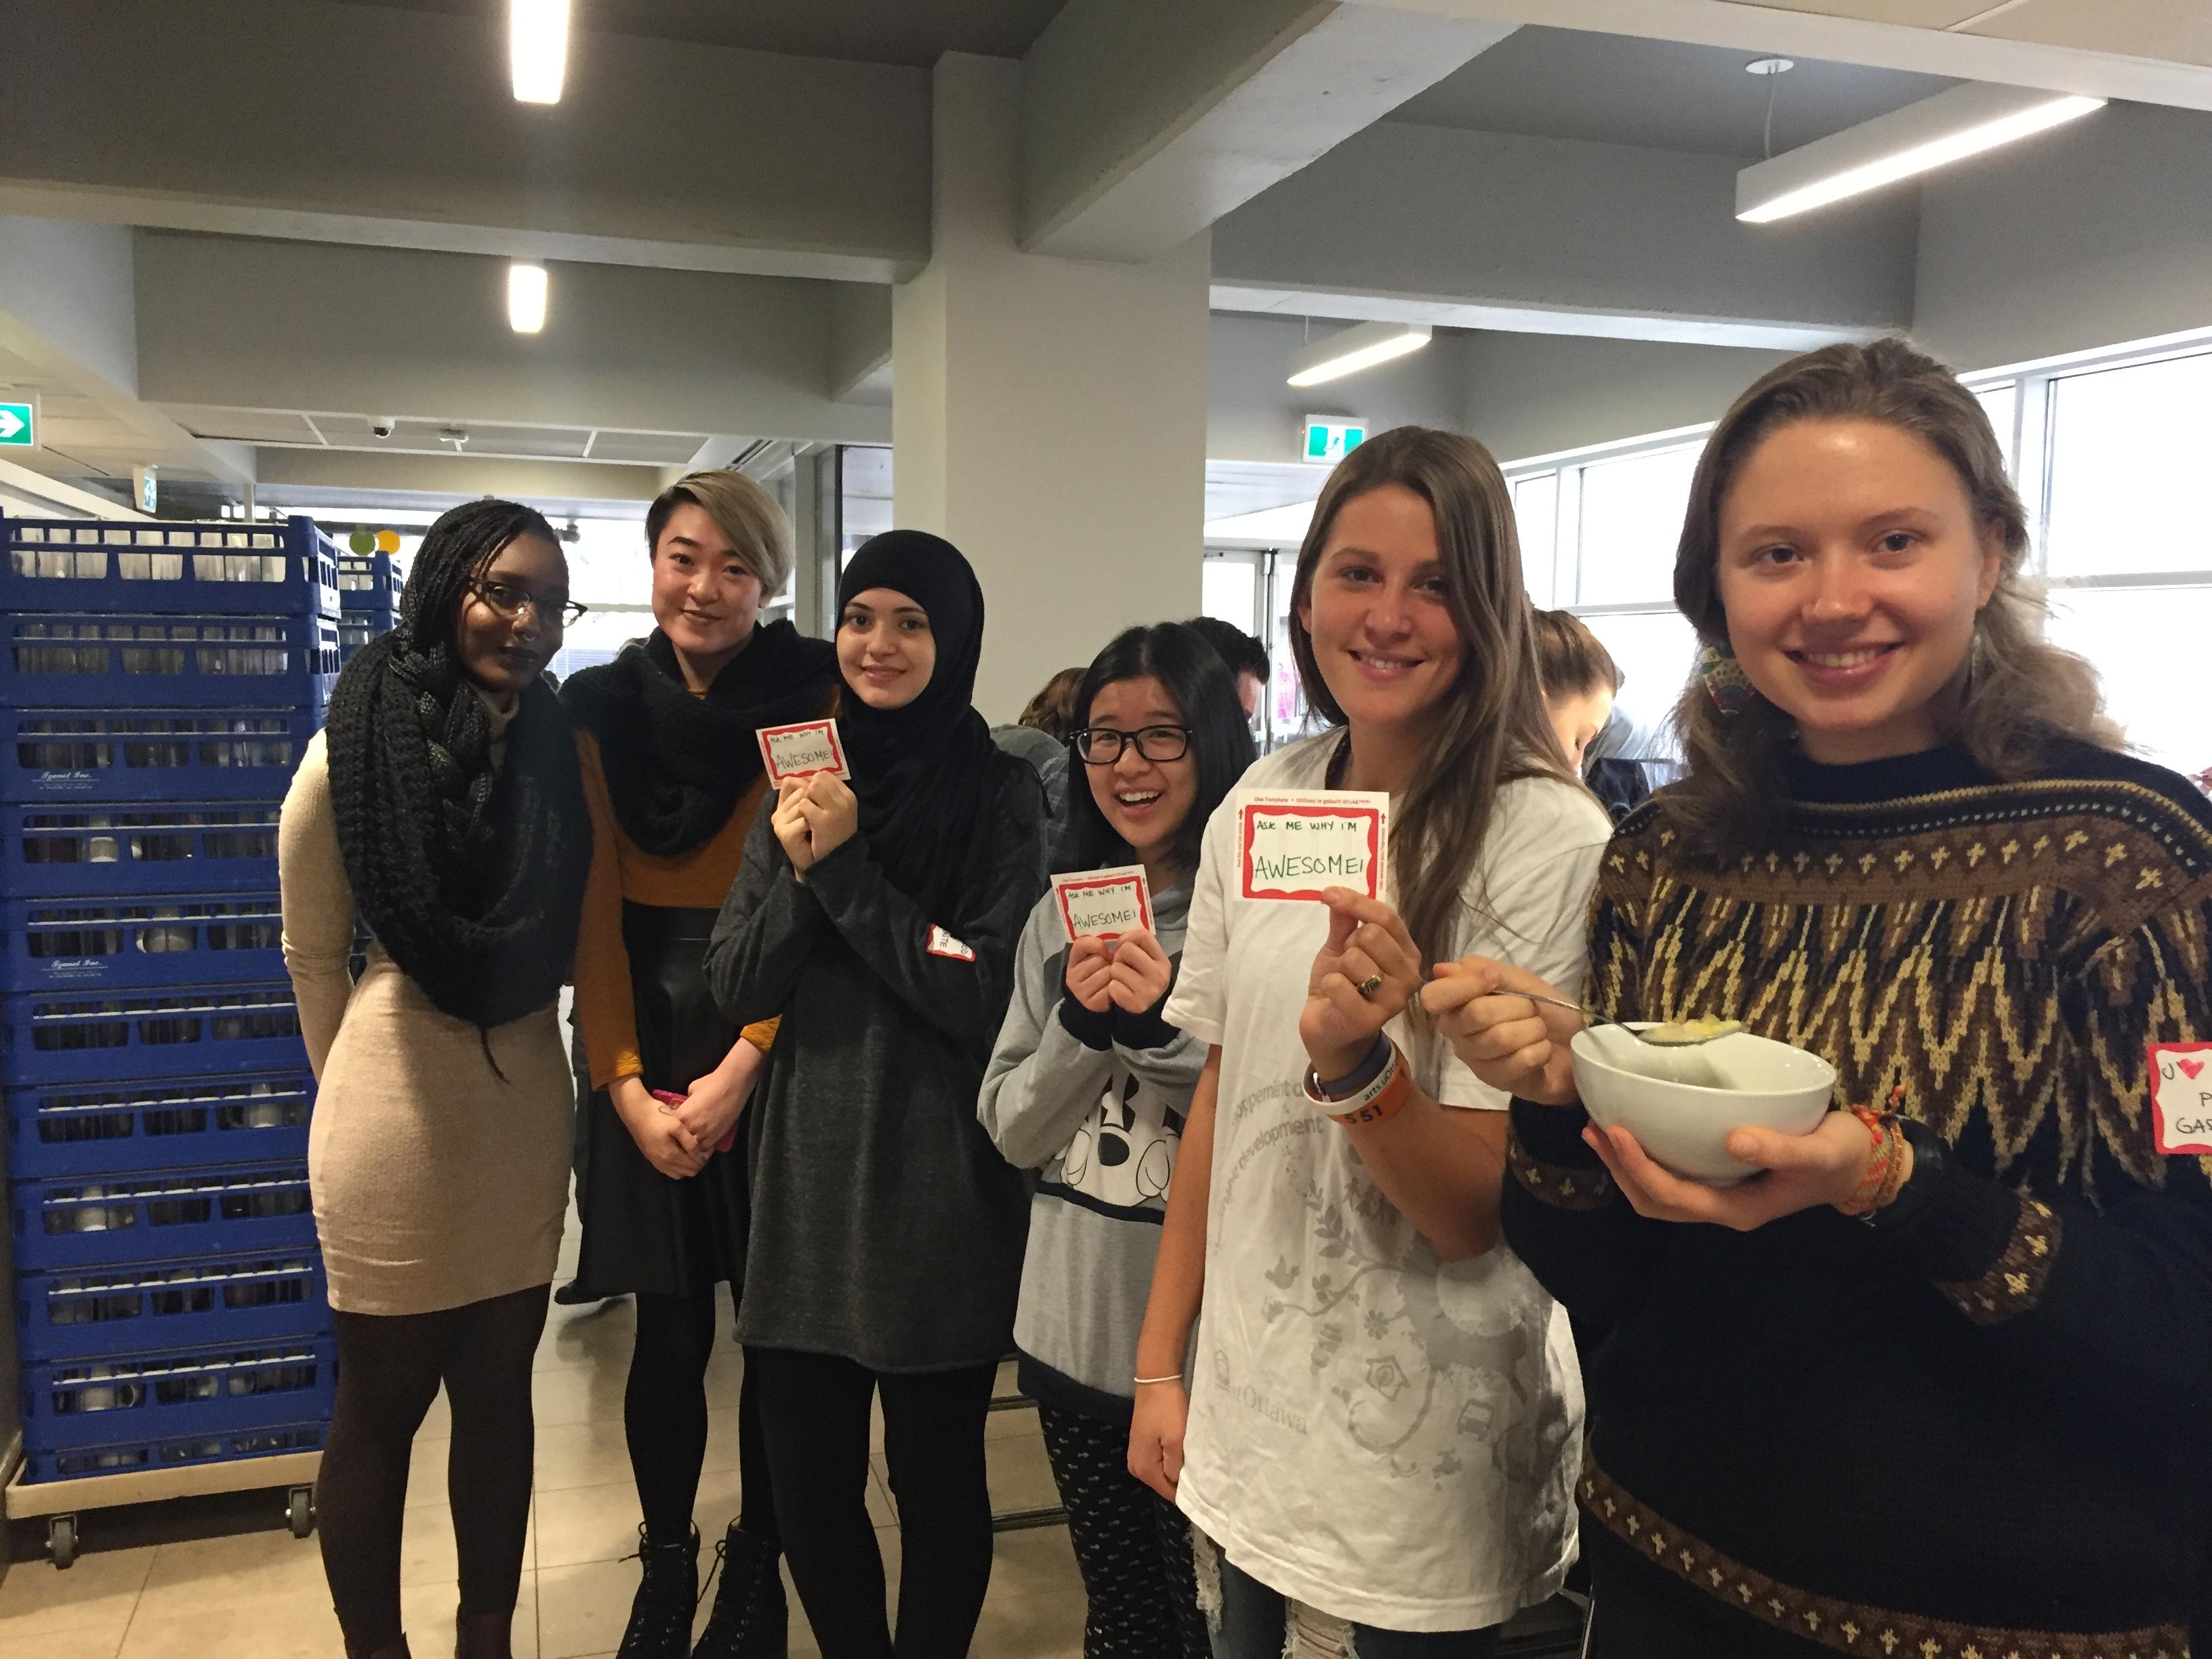 Six femmes souriantes exhibent des cartes sur lesquelles est inscrit « Ask me why I'm awesome » (Demandez-moi pourquoi je suis extraordinaire). Une d'entre elles tient un bol et une cuillère.